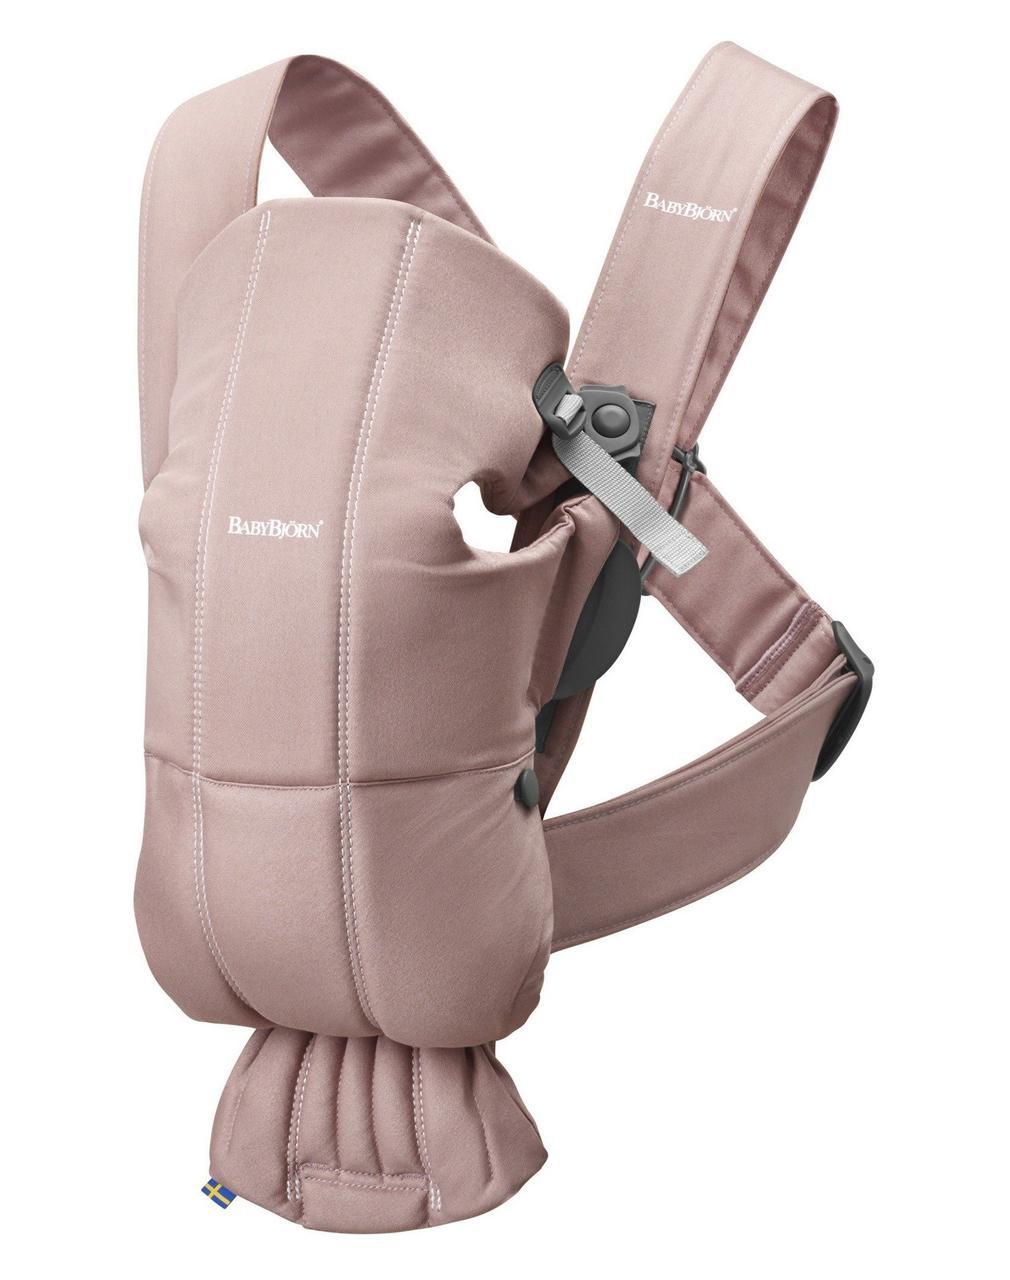 BabyBjorn - рюкзак-кенгуру для младенцев MINI Cotton, пудровый